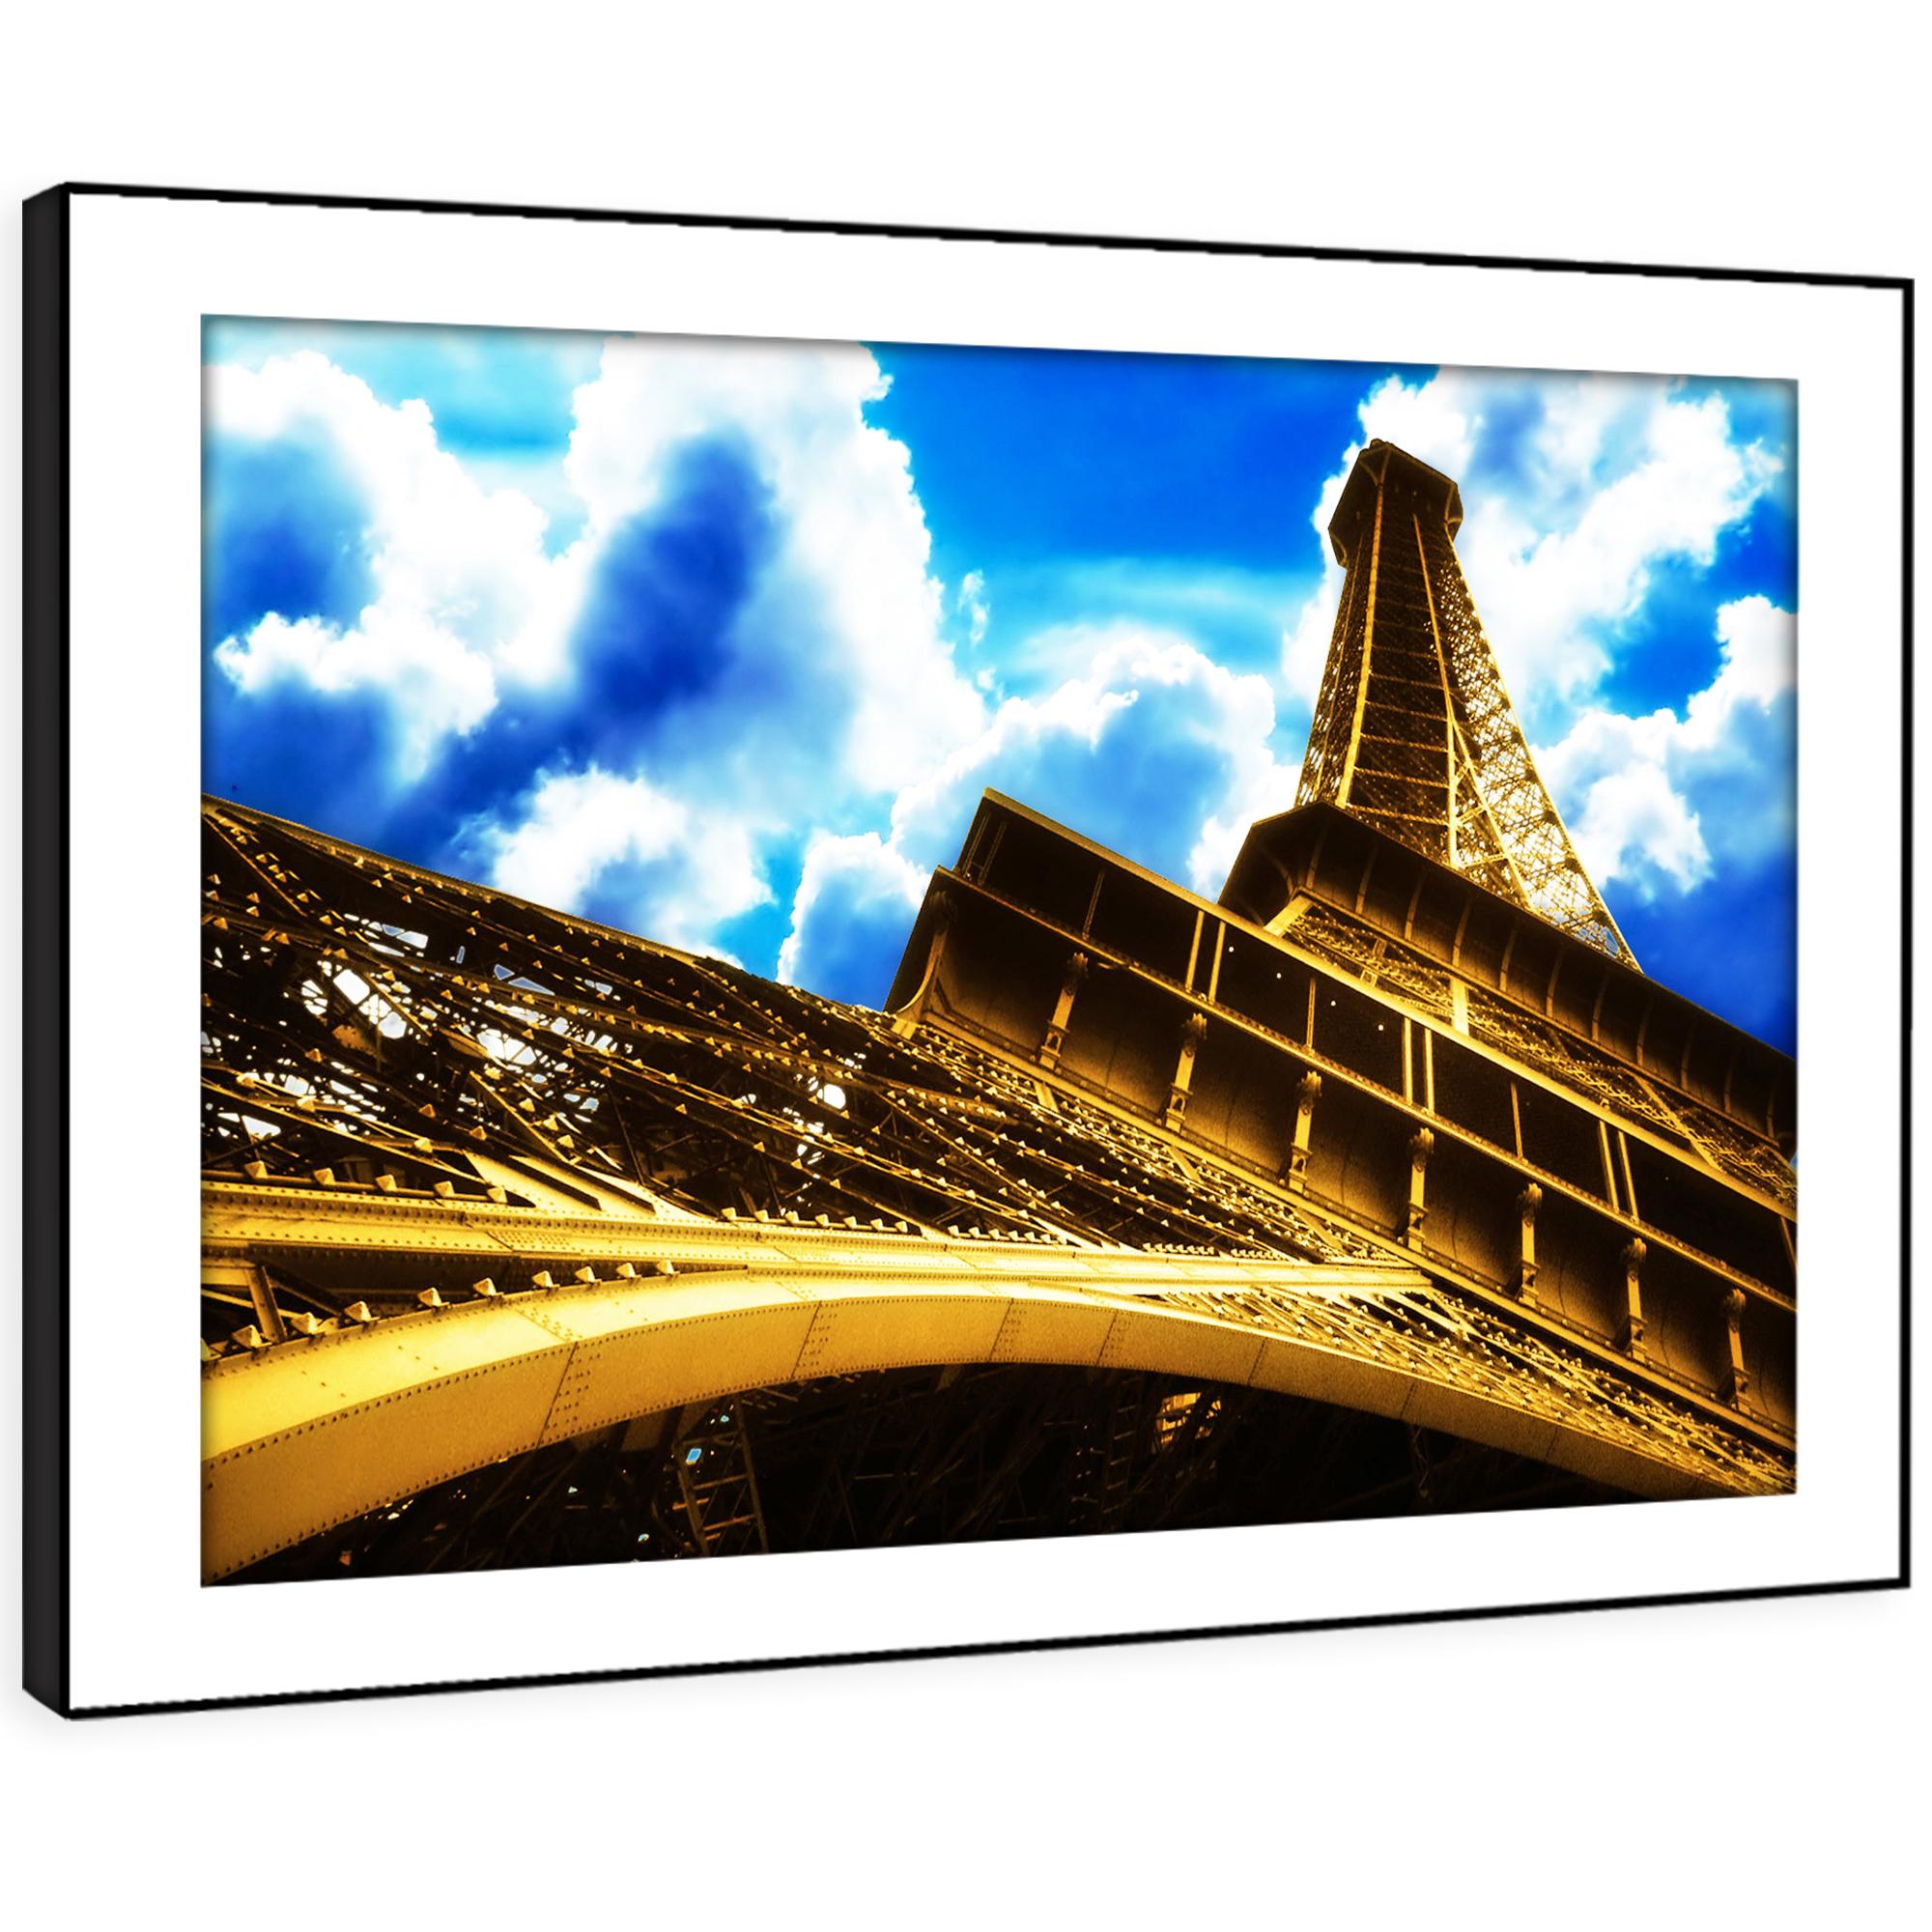 SC046 Eiffel Tower Paris Blau Cool Landscape Framed Wall Art Large Picture Print